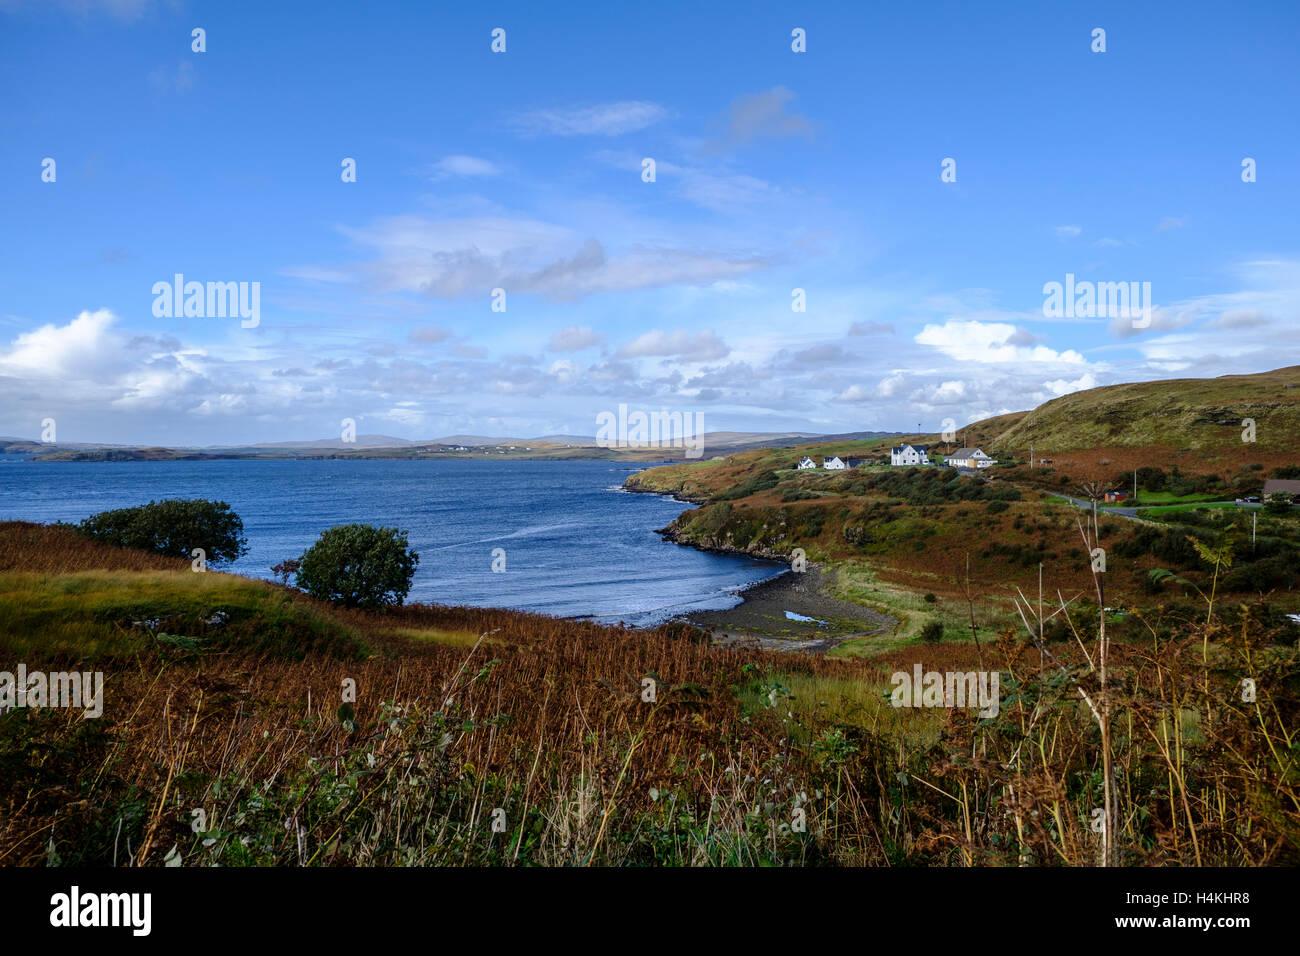 Telecomando bellissimi paesaggi costieri di Fiskavaig Bay sull'Isola di Skye in Scozia Foto Stock